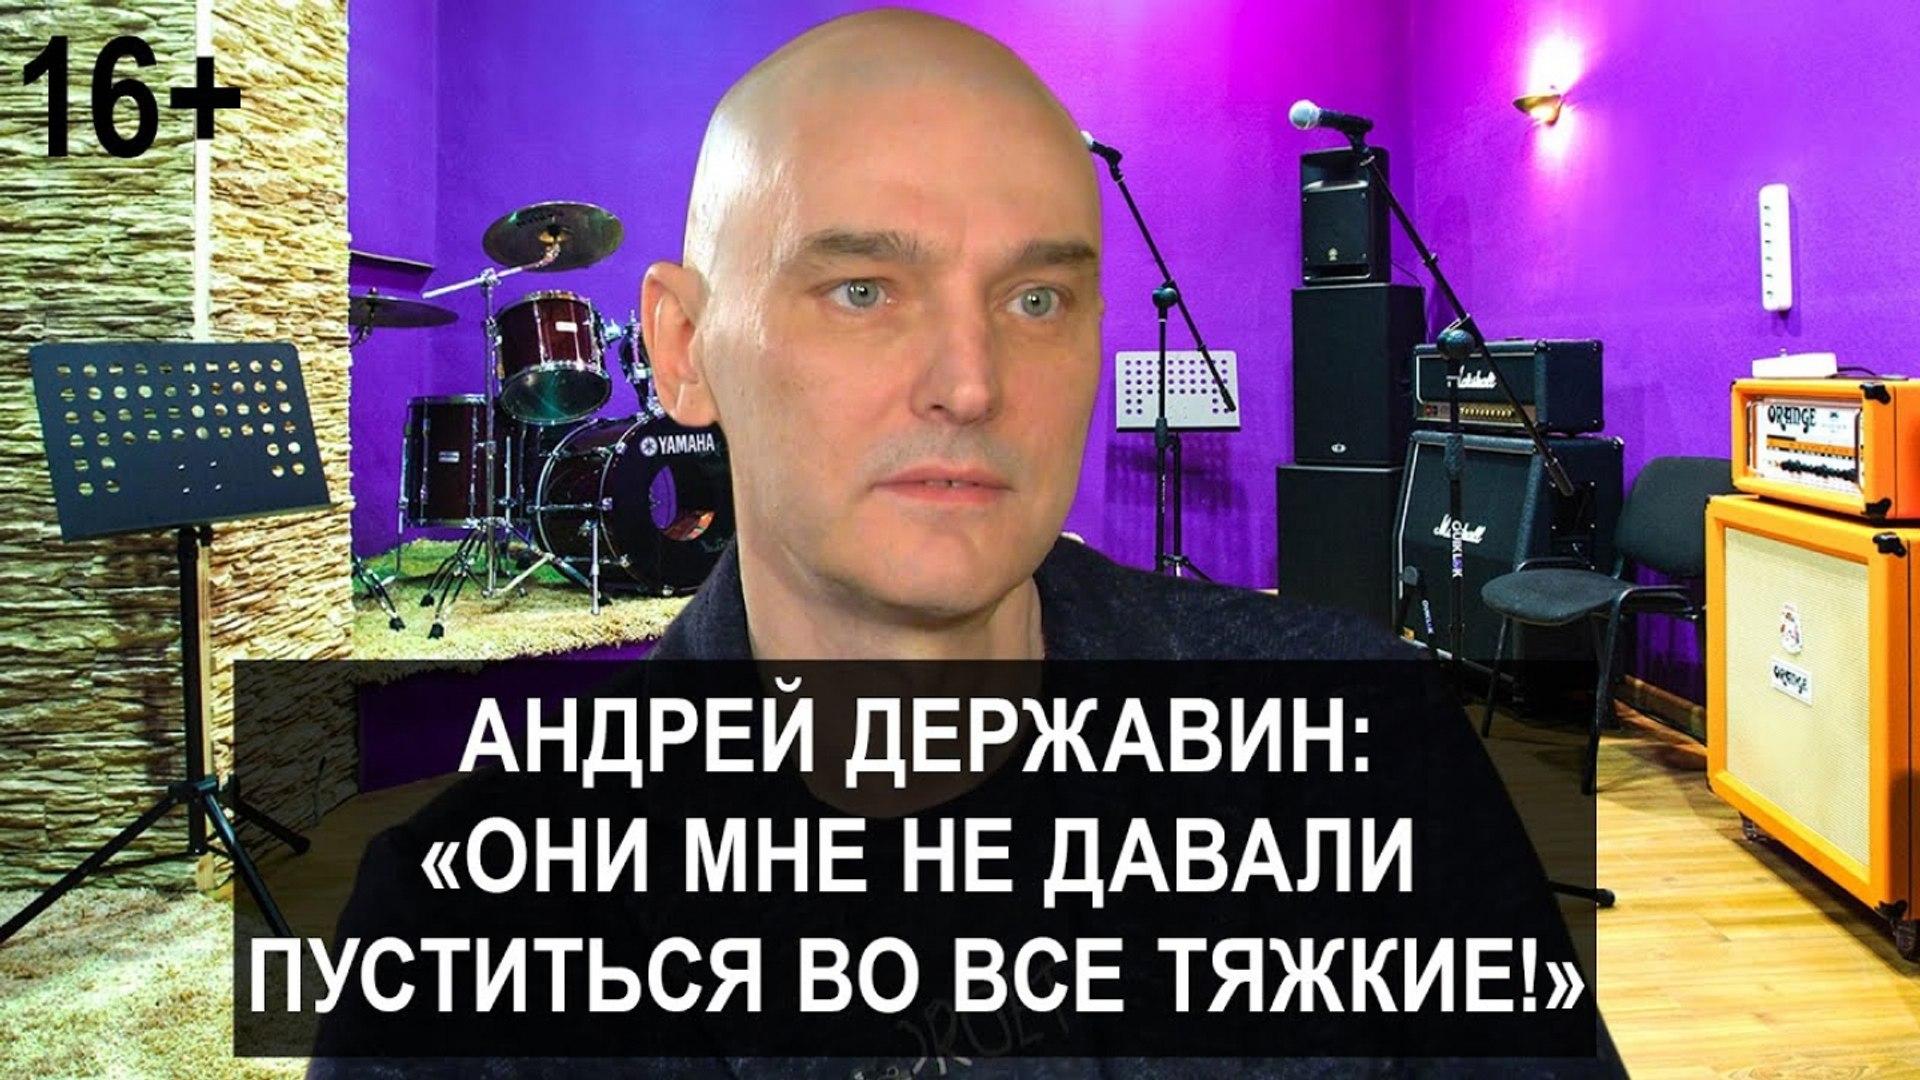 Андрей Державин - /Лично Знаком: О«Машине Времени», оправданной скромности и отношениях с отцом